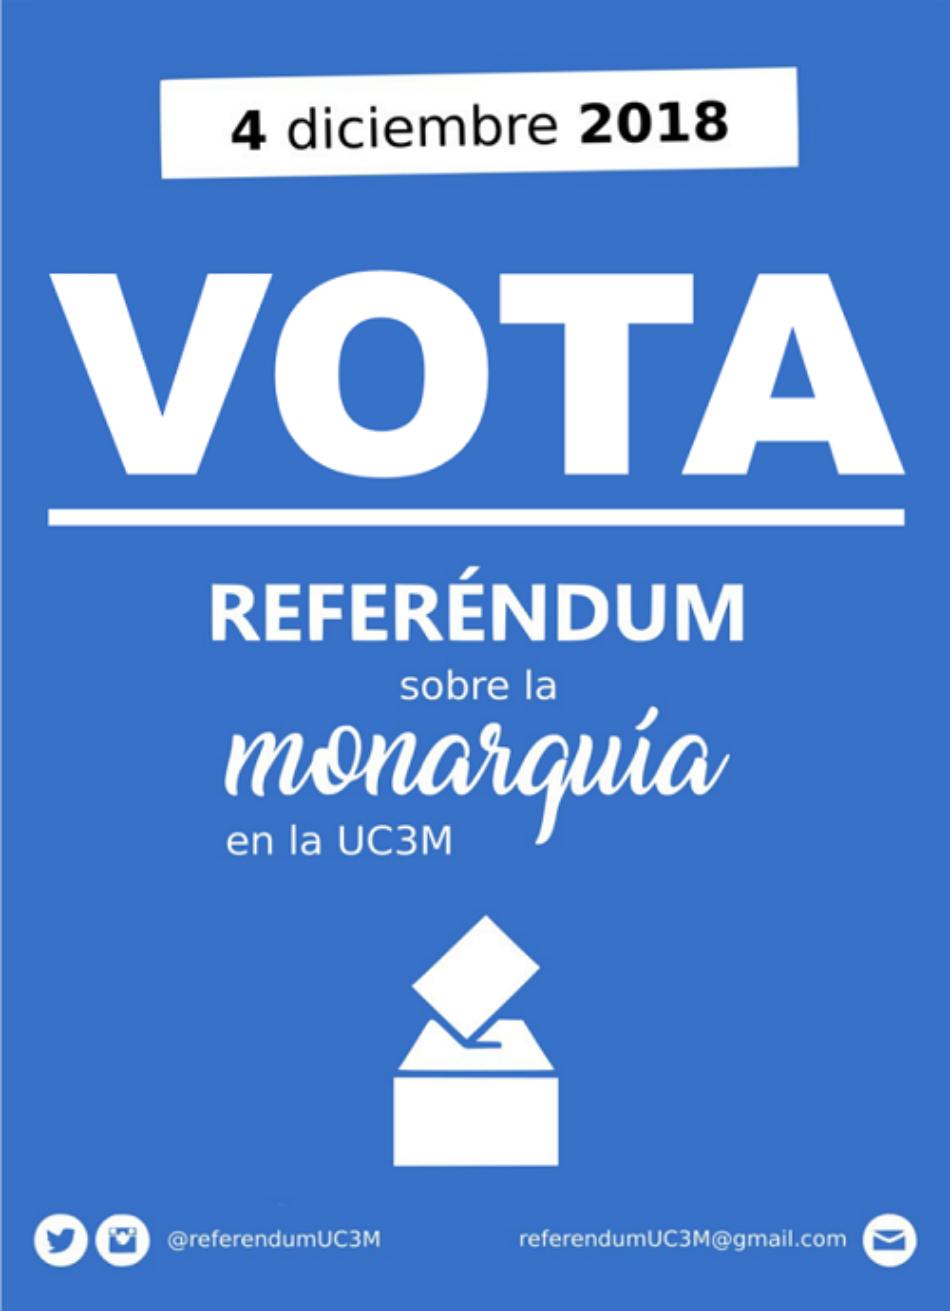 Tras el éxito  del Referéndum de la Universidad Autónoma y de las Consultas Populares de ayer, la Universidad Carlos III convoca el suyo mañana